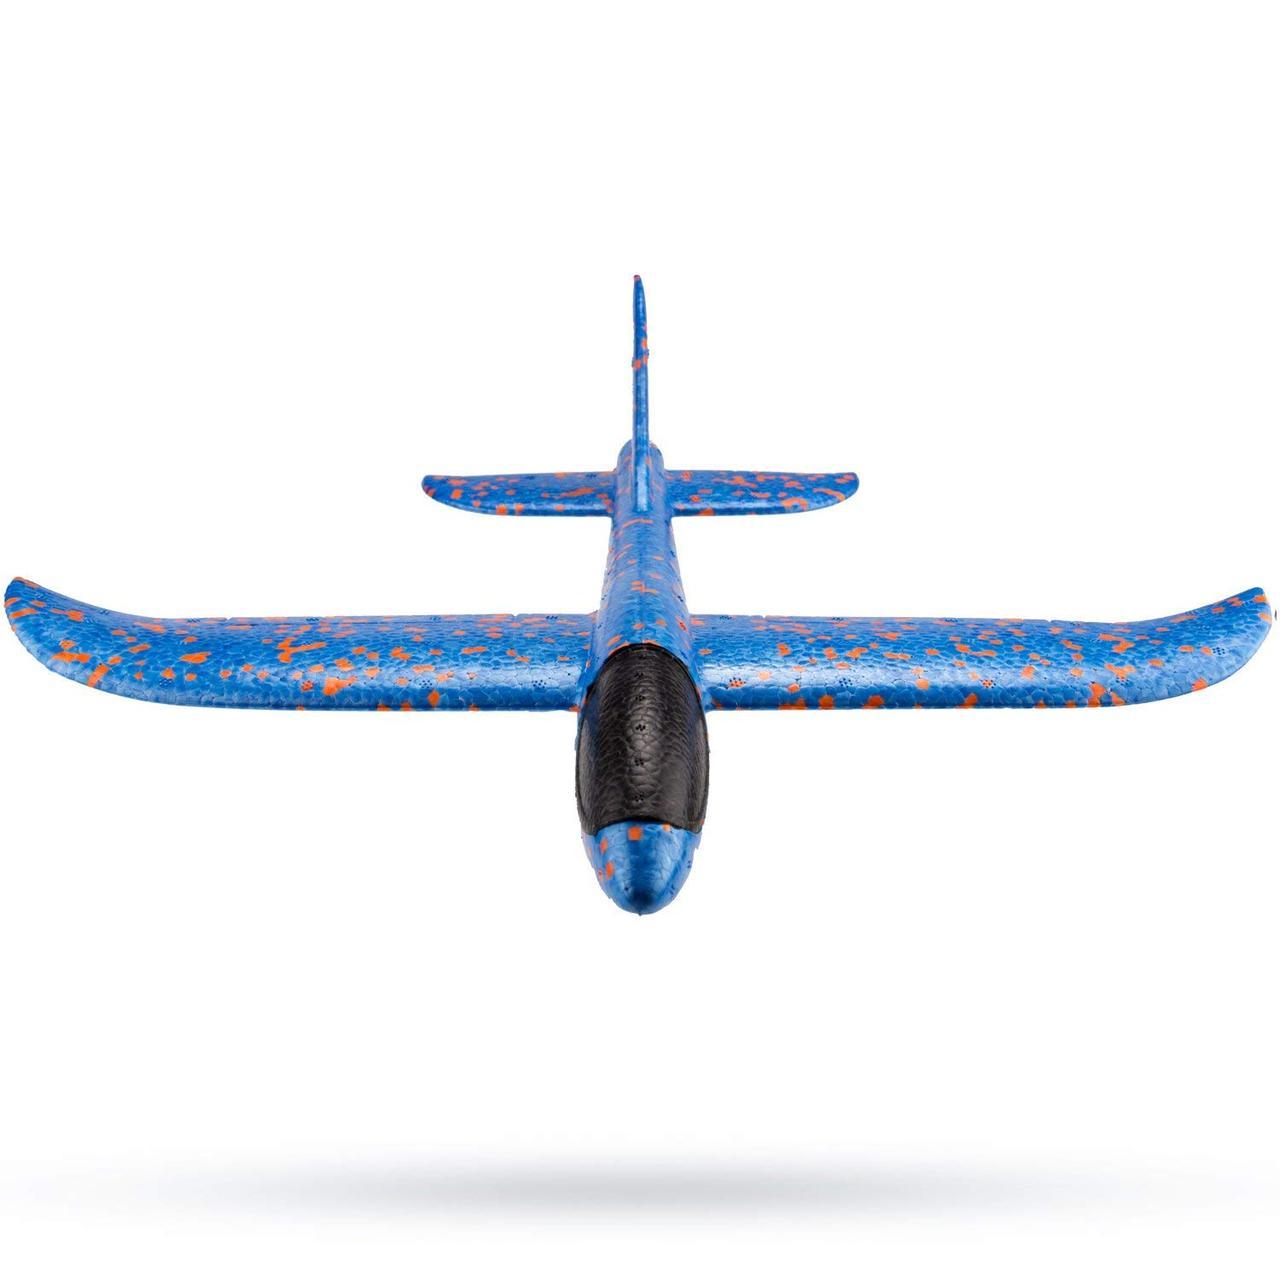 Метательный самолет на дальнее расстояние Синий (R0575)